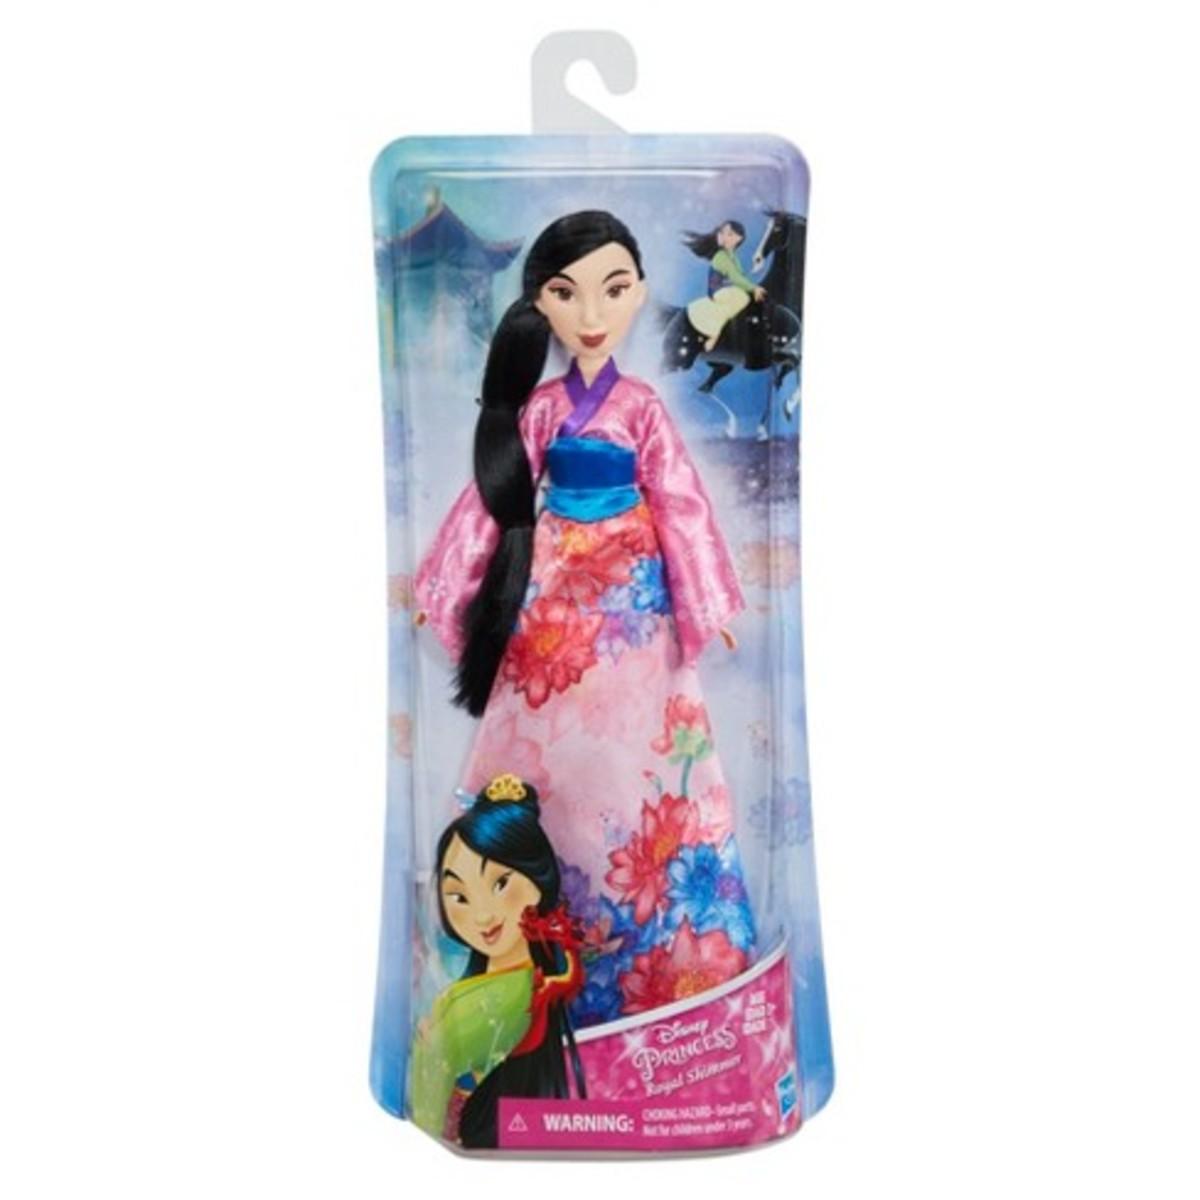 Disney Princess Mulan Royal Shimmer Fashion Doll